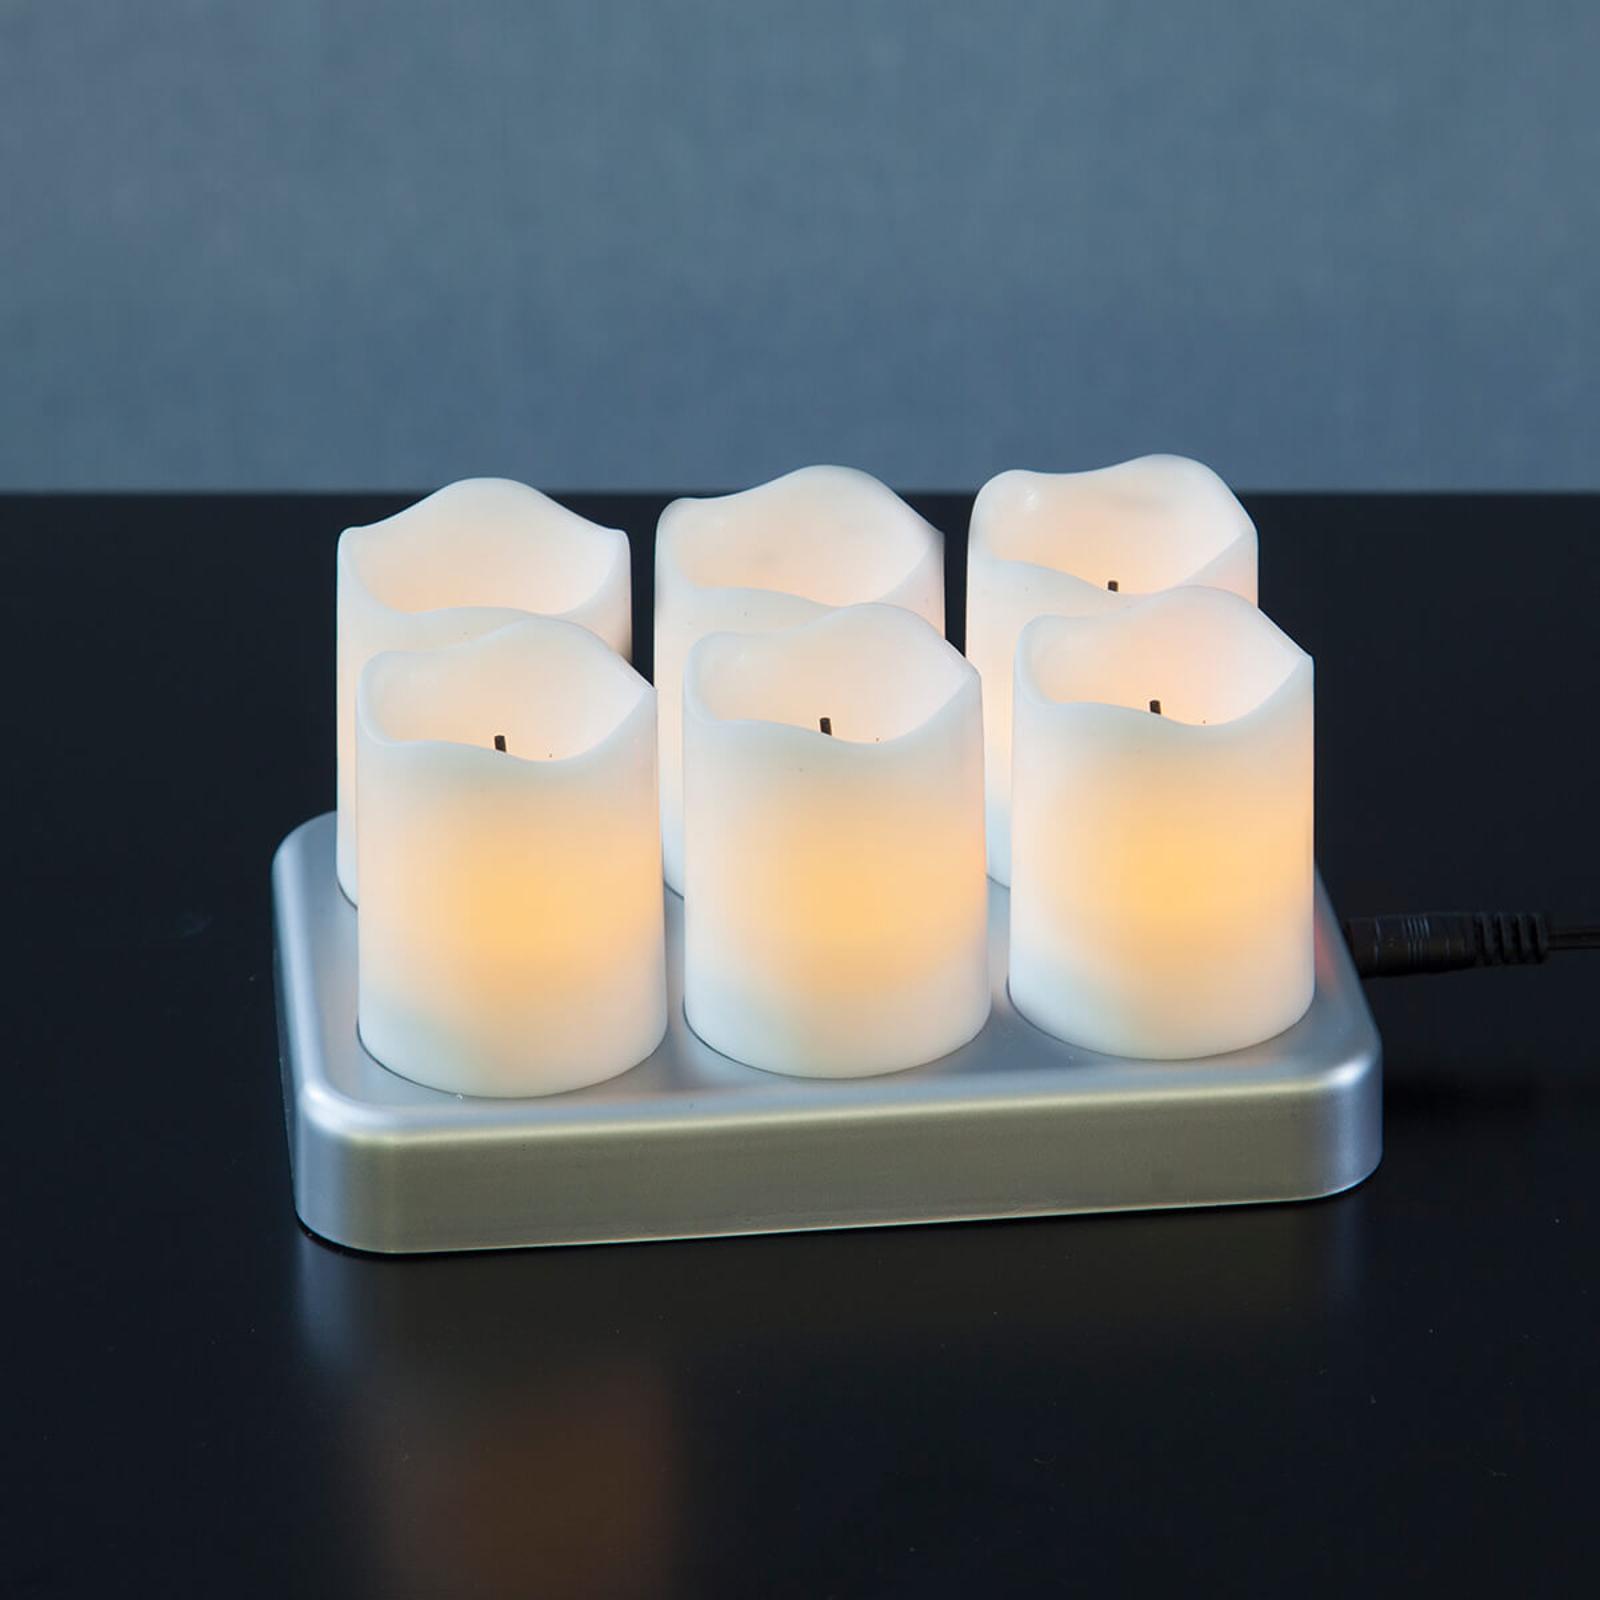 Wiederaufladbares LED-Teelicht Chargeme 6er